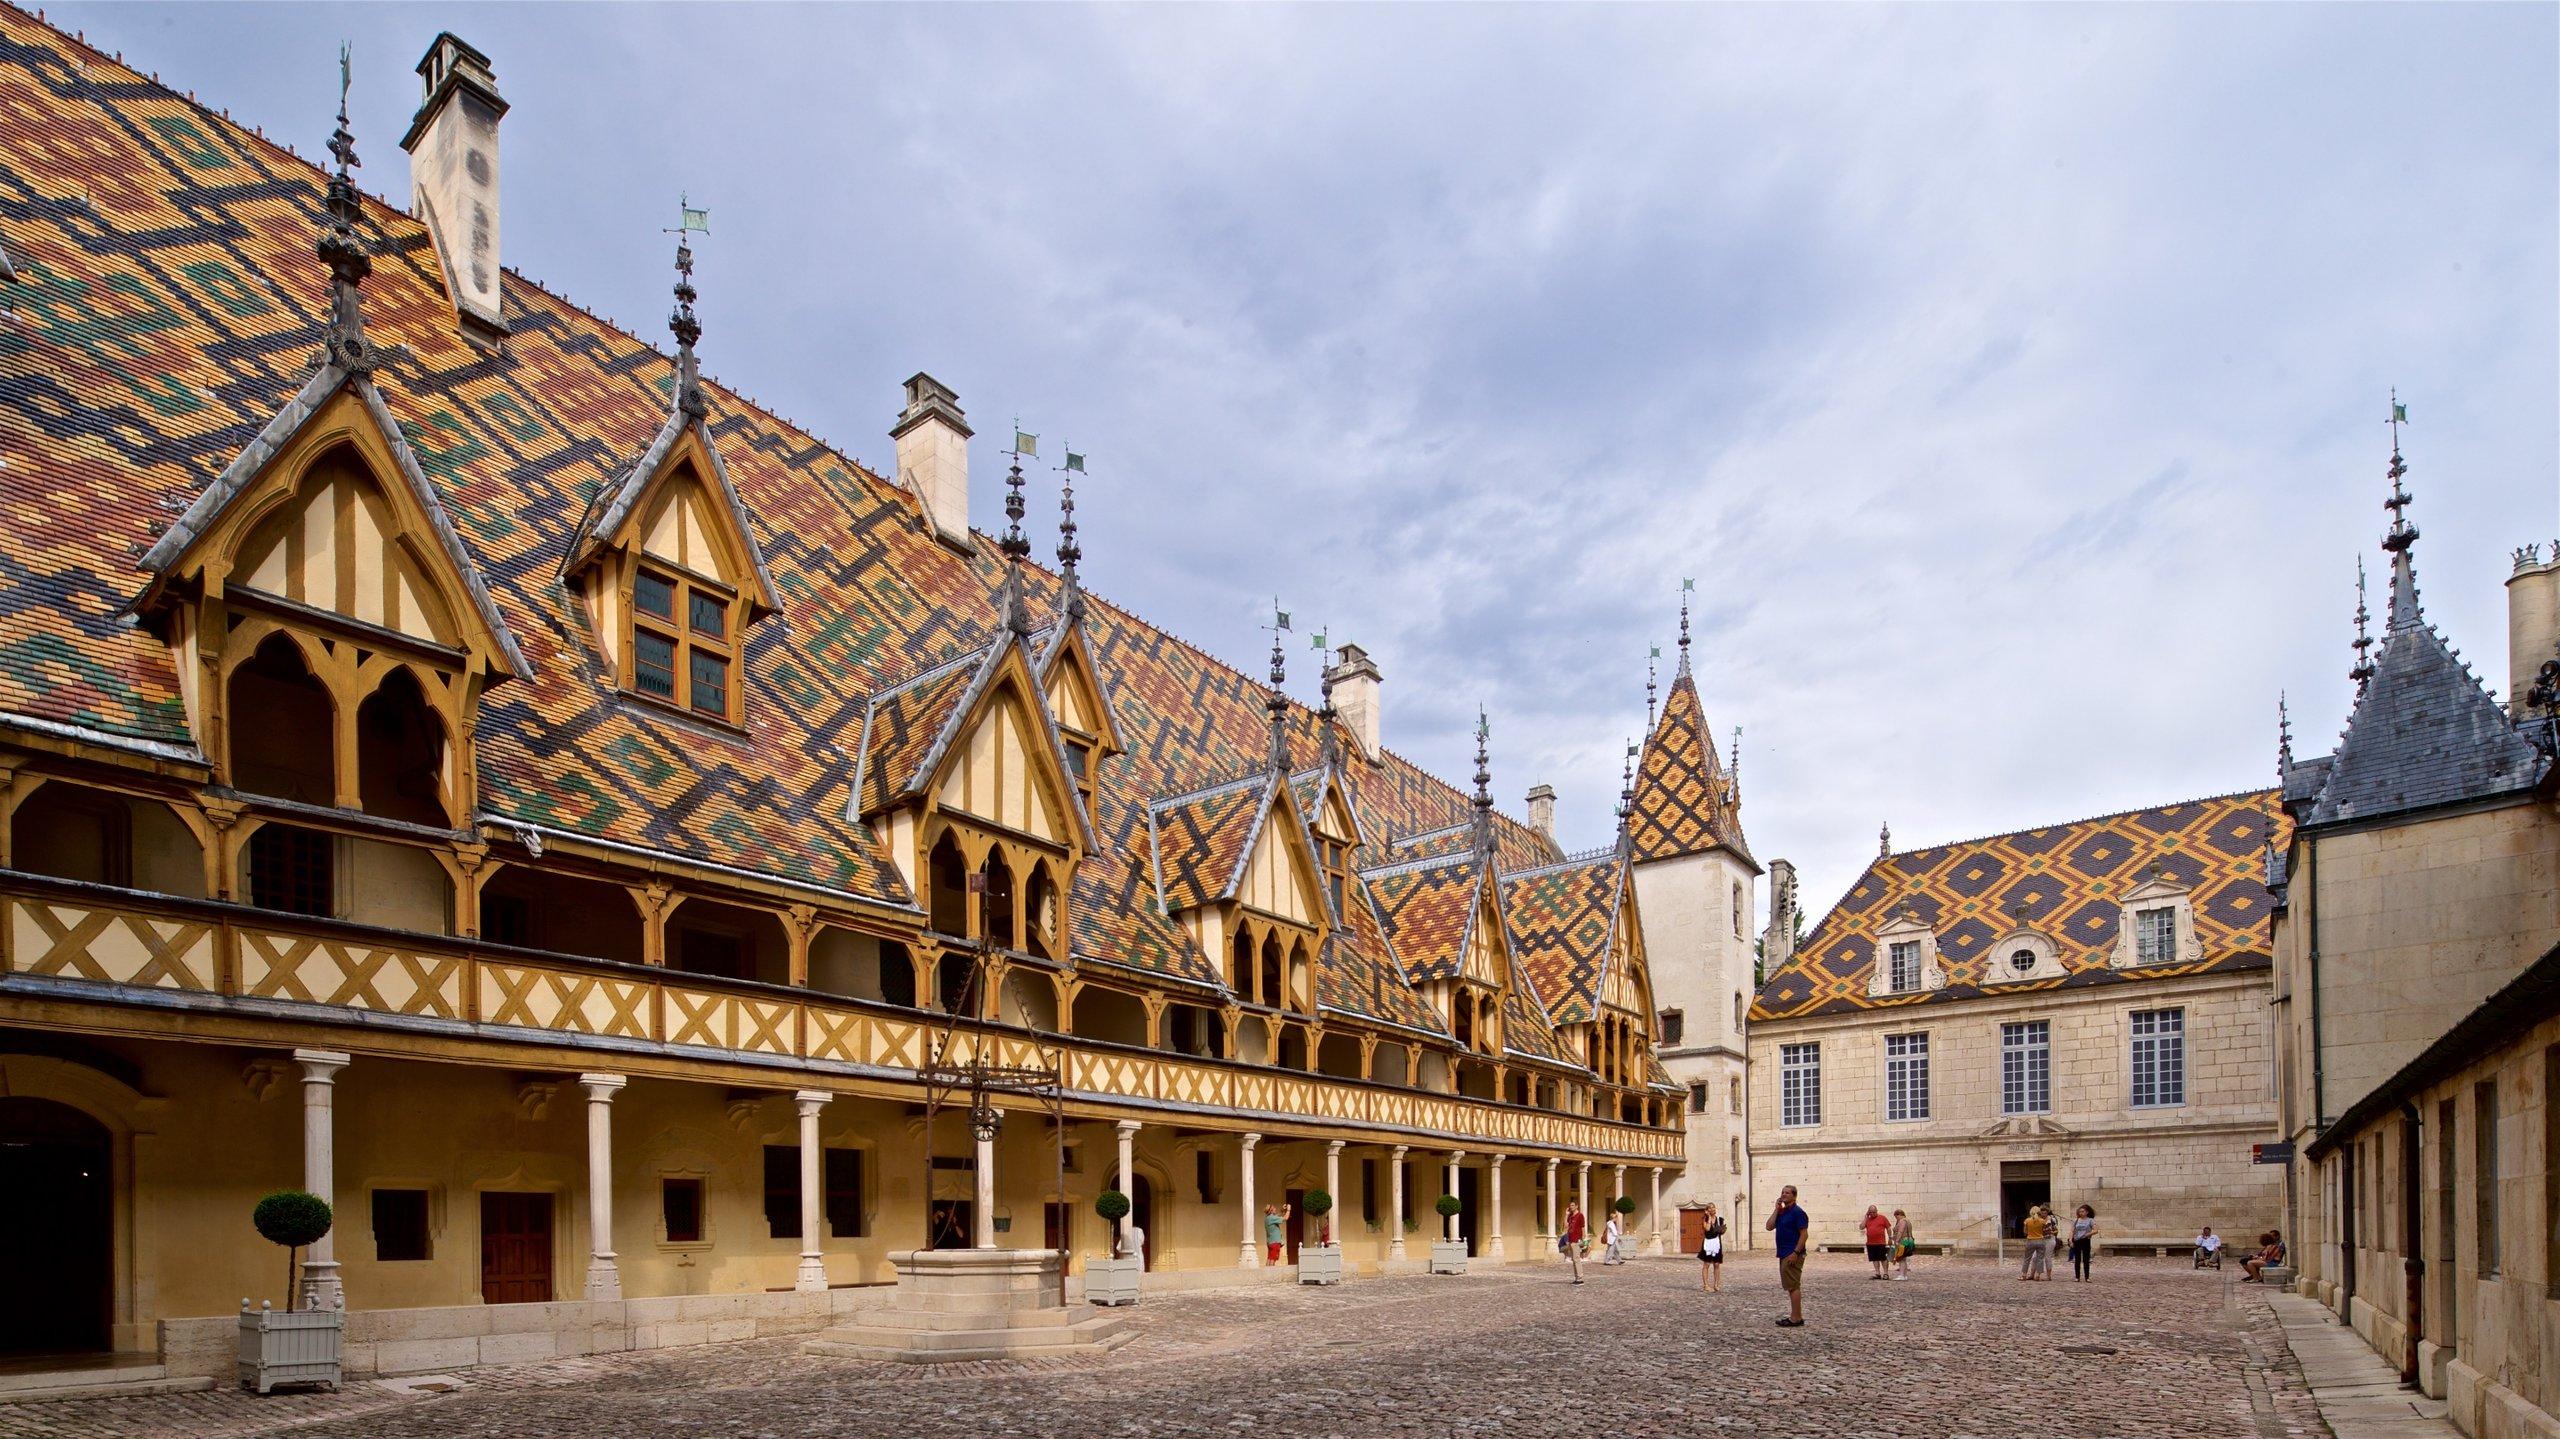 Parmi les sites les plus célèbres de Beaune se trouve cet ancien hôpital, doté d'un toit orné de carreaux de céramique scintillants.